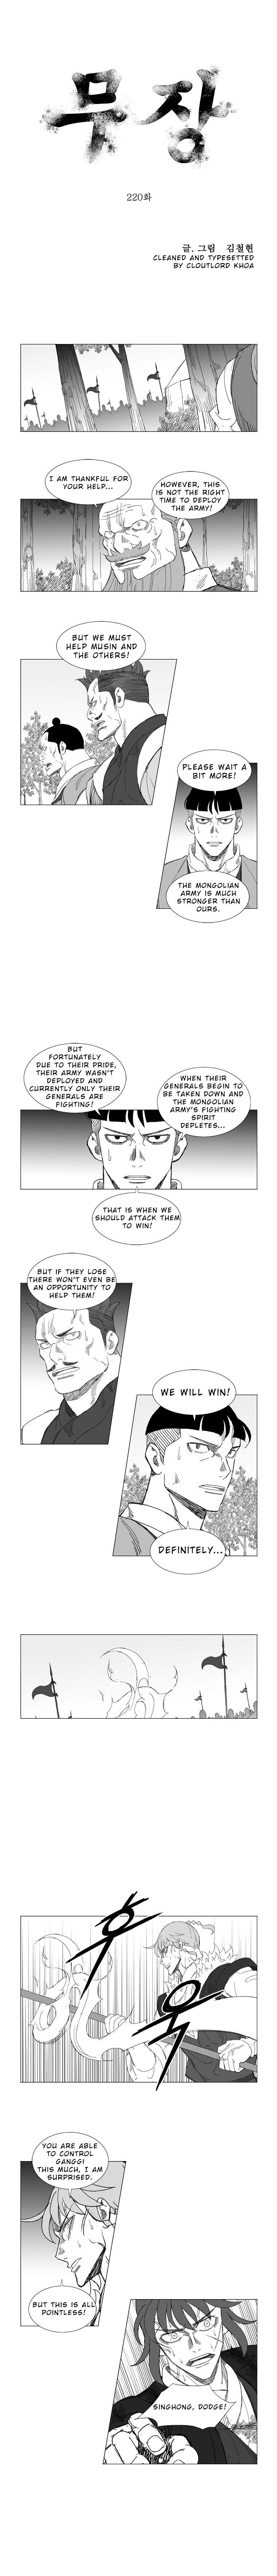 Mujang 220 Page 2